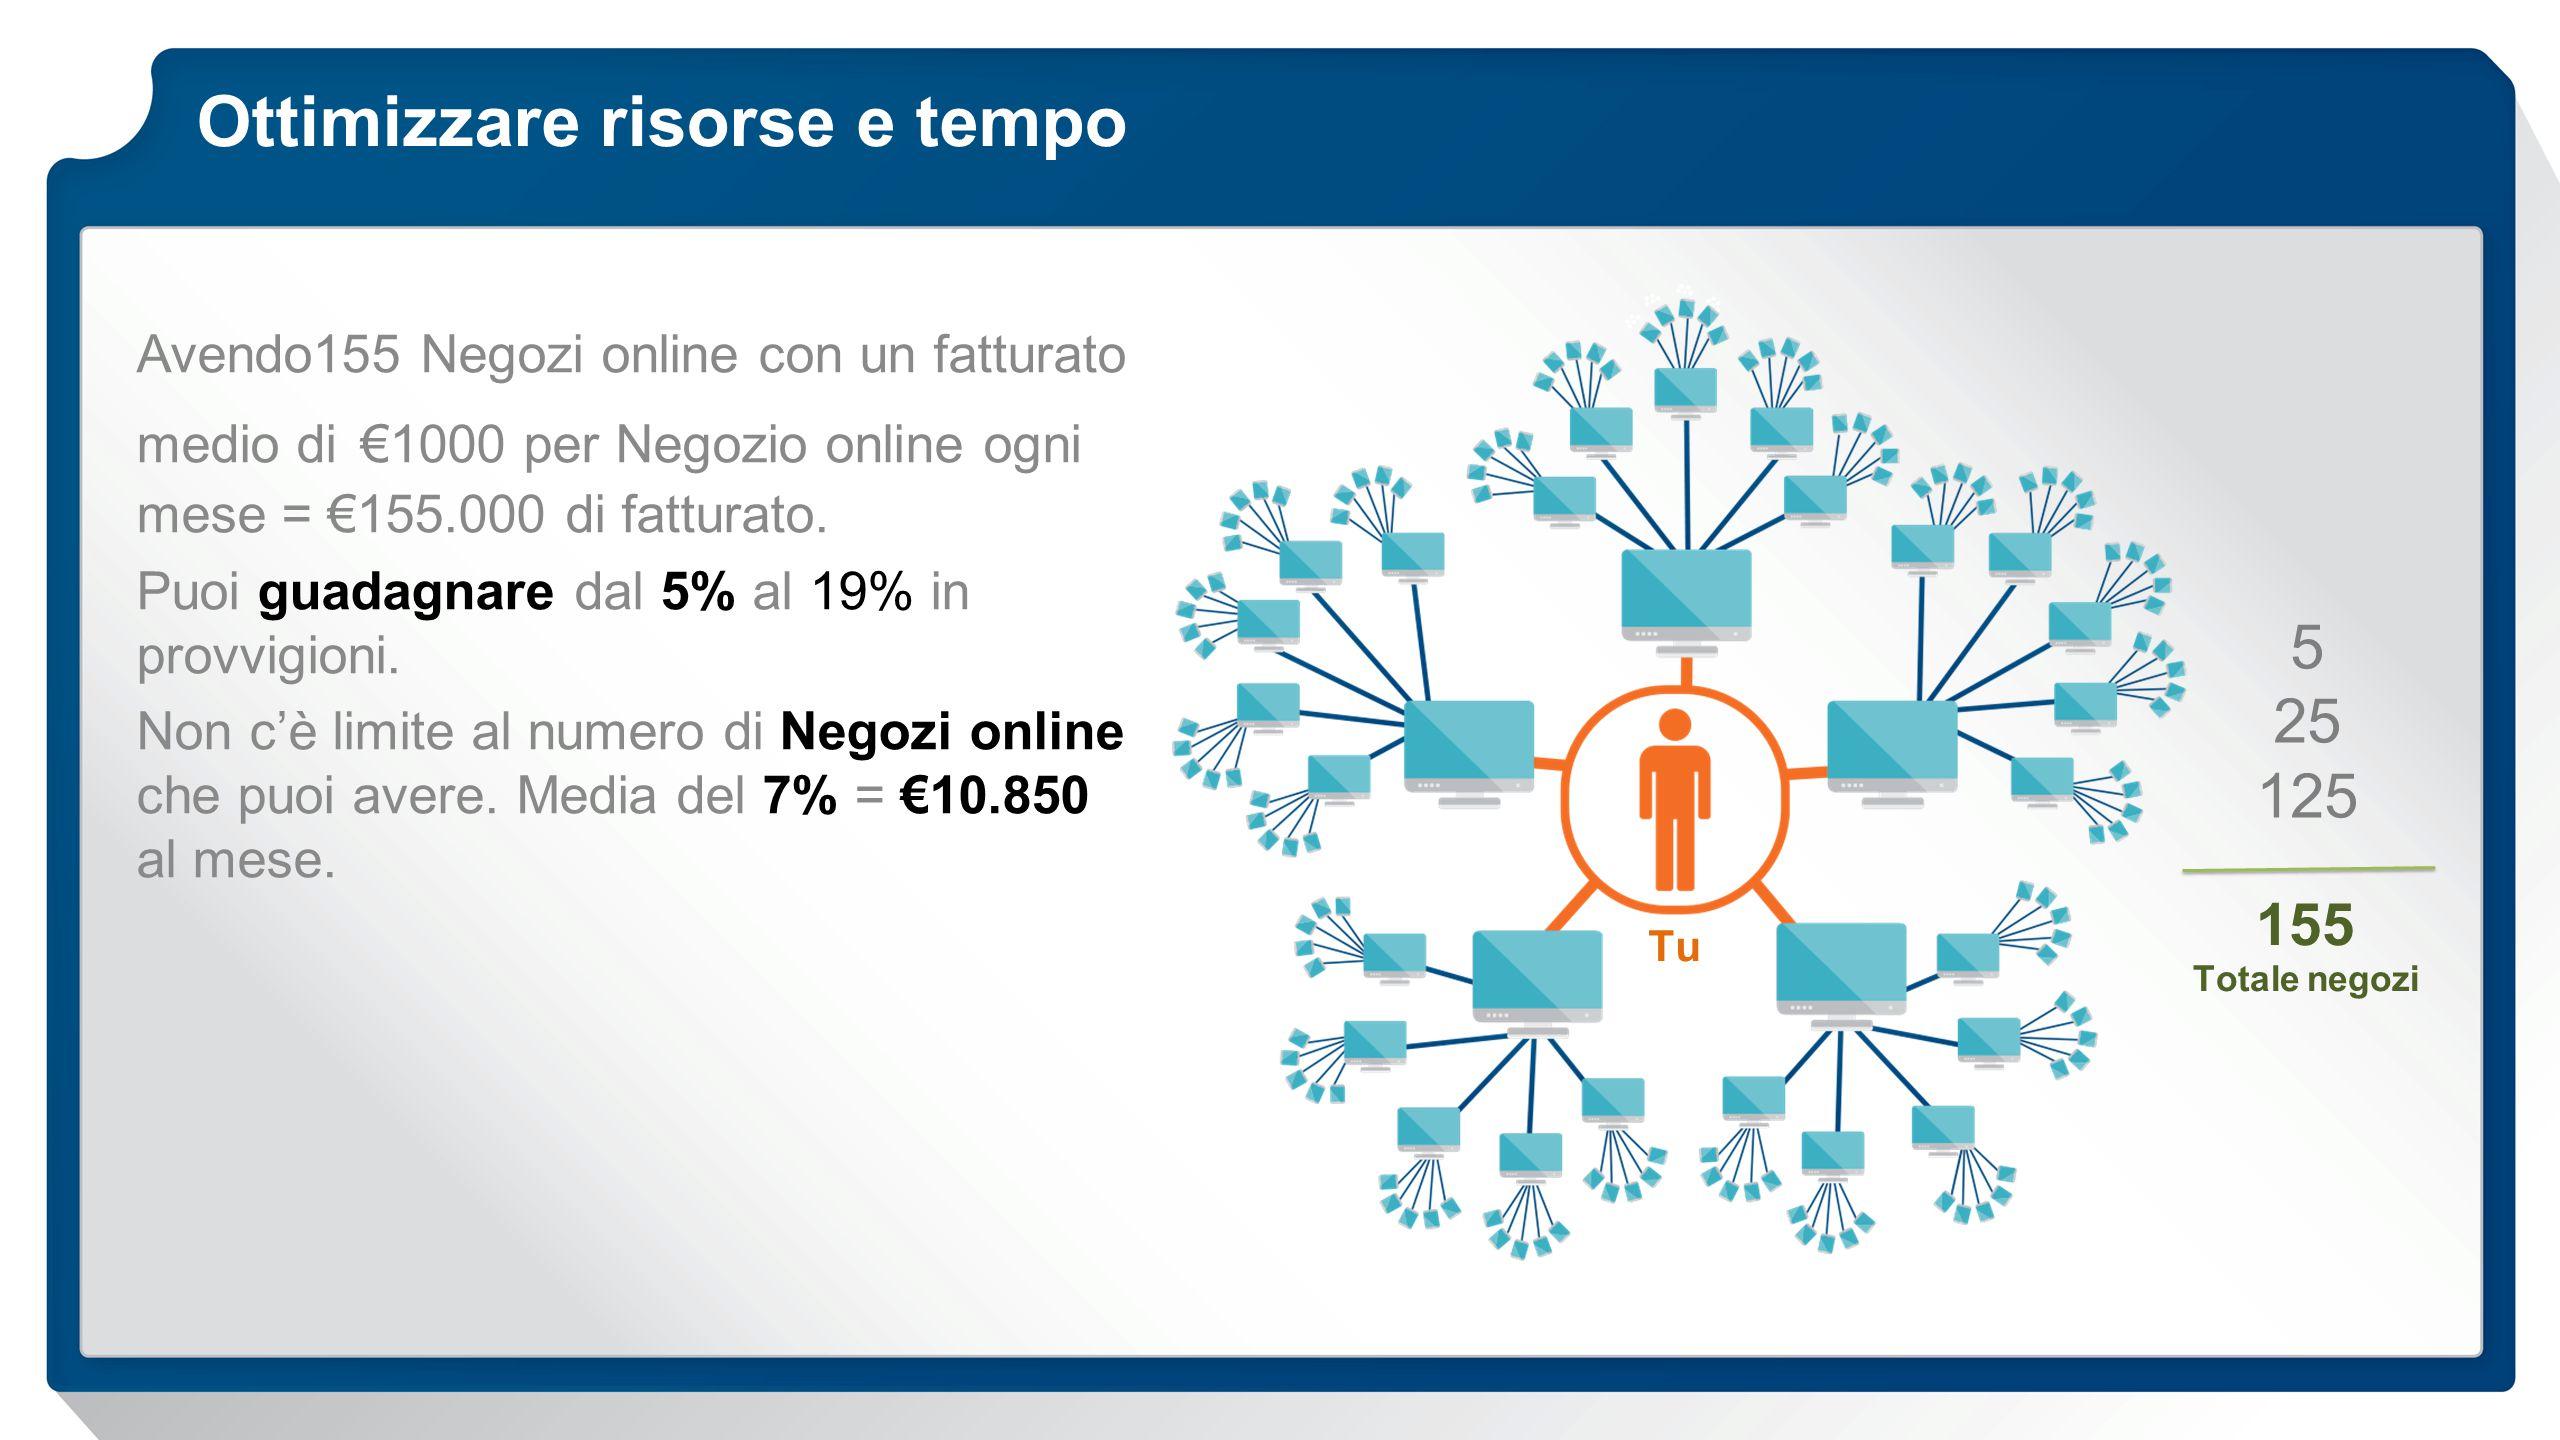 Ottimizzare risorse e tempo Tu 5 25 125 155 Totale negozi Avendo155 Negozi online con un fatturato medio di €1000 per Negozio online ogni mese = €155.